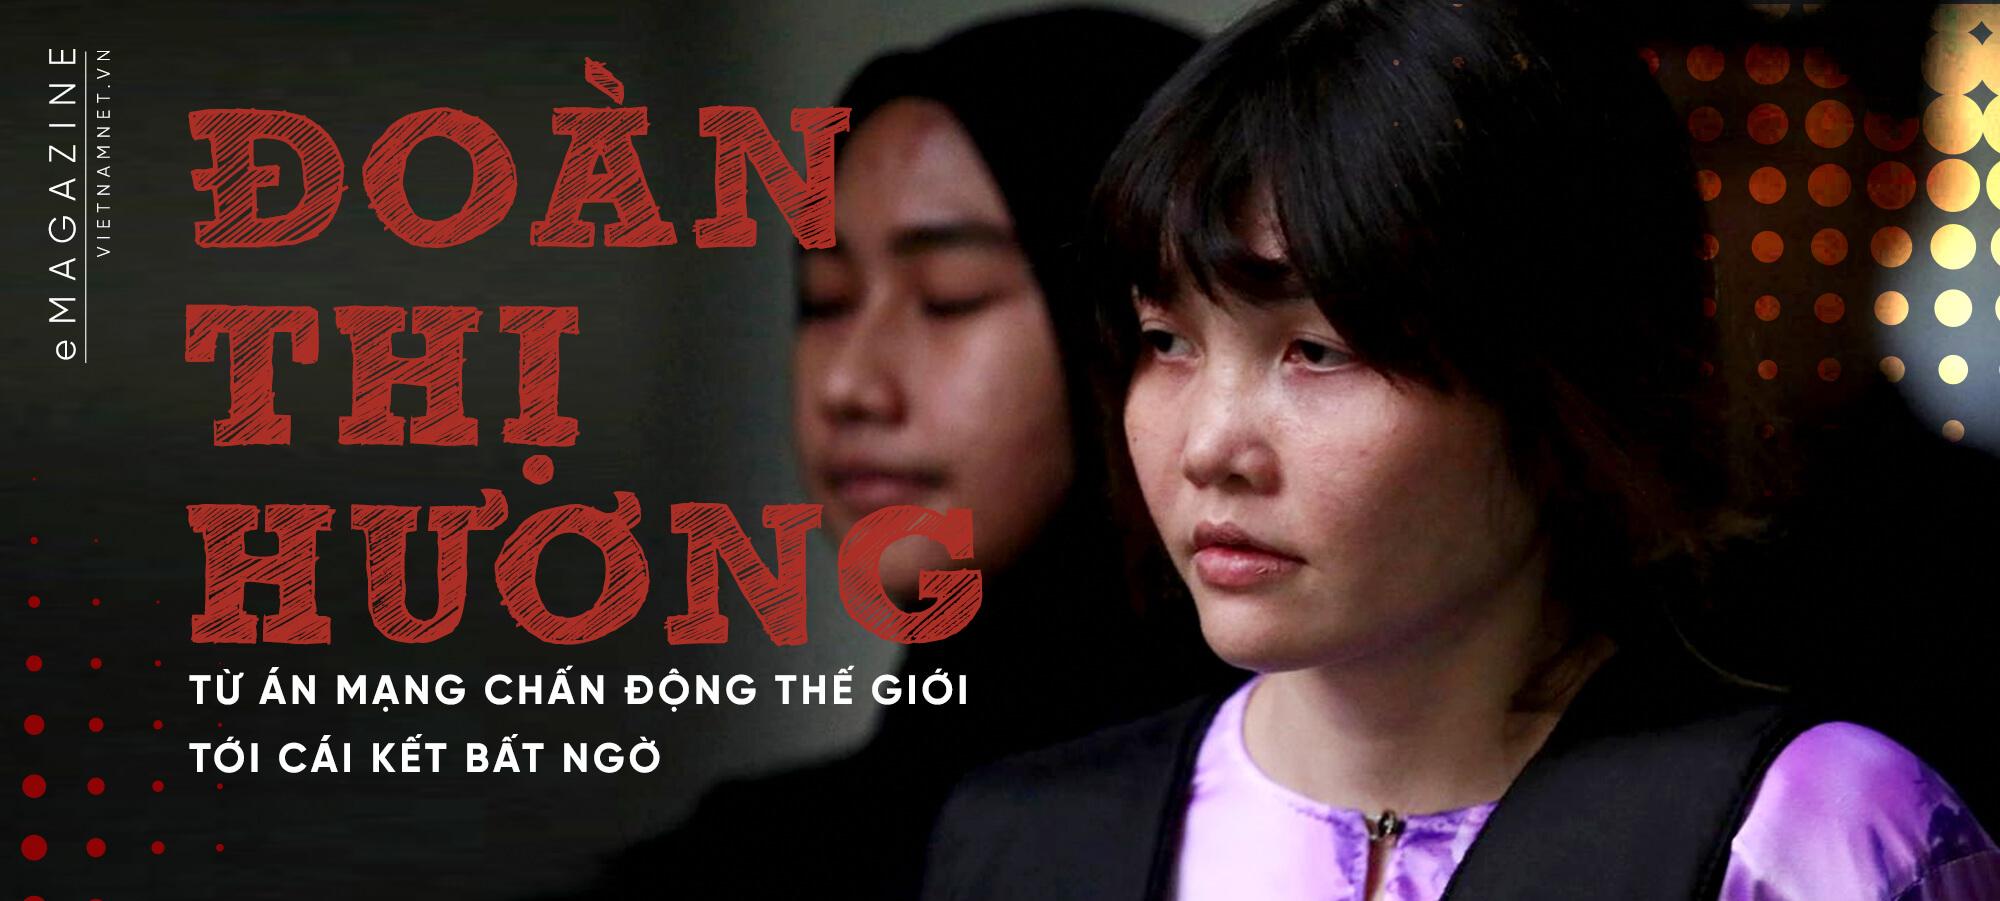 Đoàn Thị Hương,Triều Tiên,Kim Jong Nam,Kim Jong Un,vụ án Đoàn Thị Hương